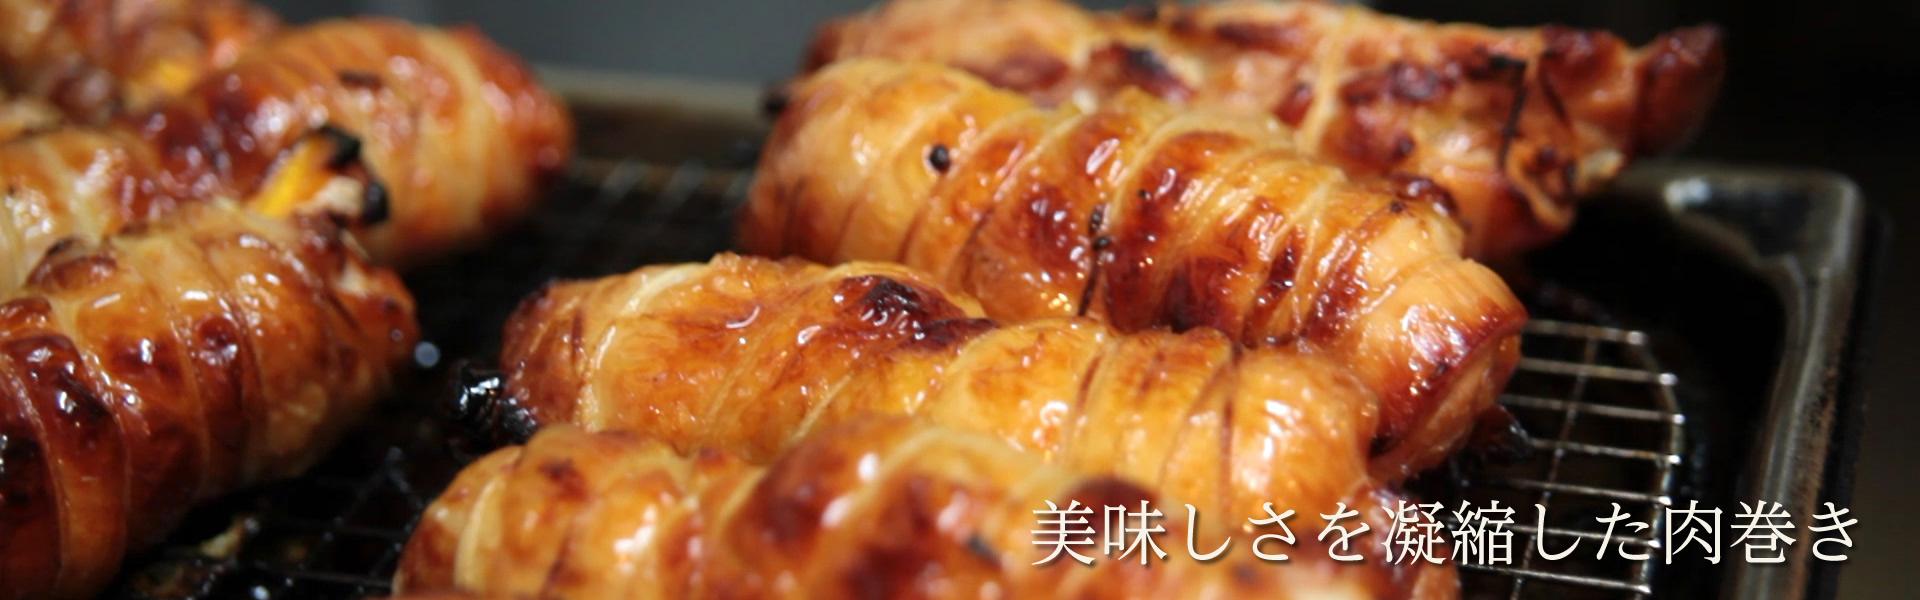 肉のいろはのお惣菜(肉巻き)